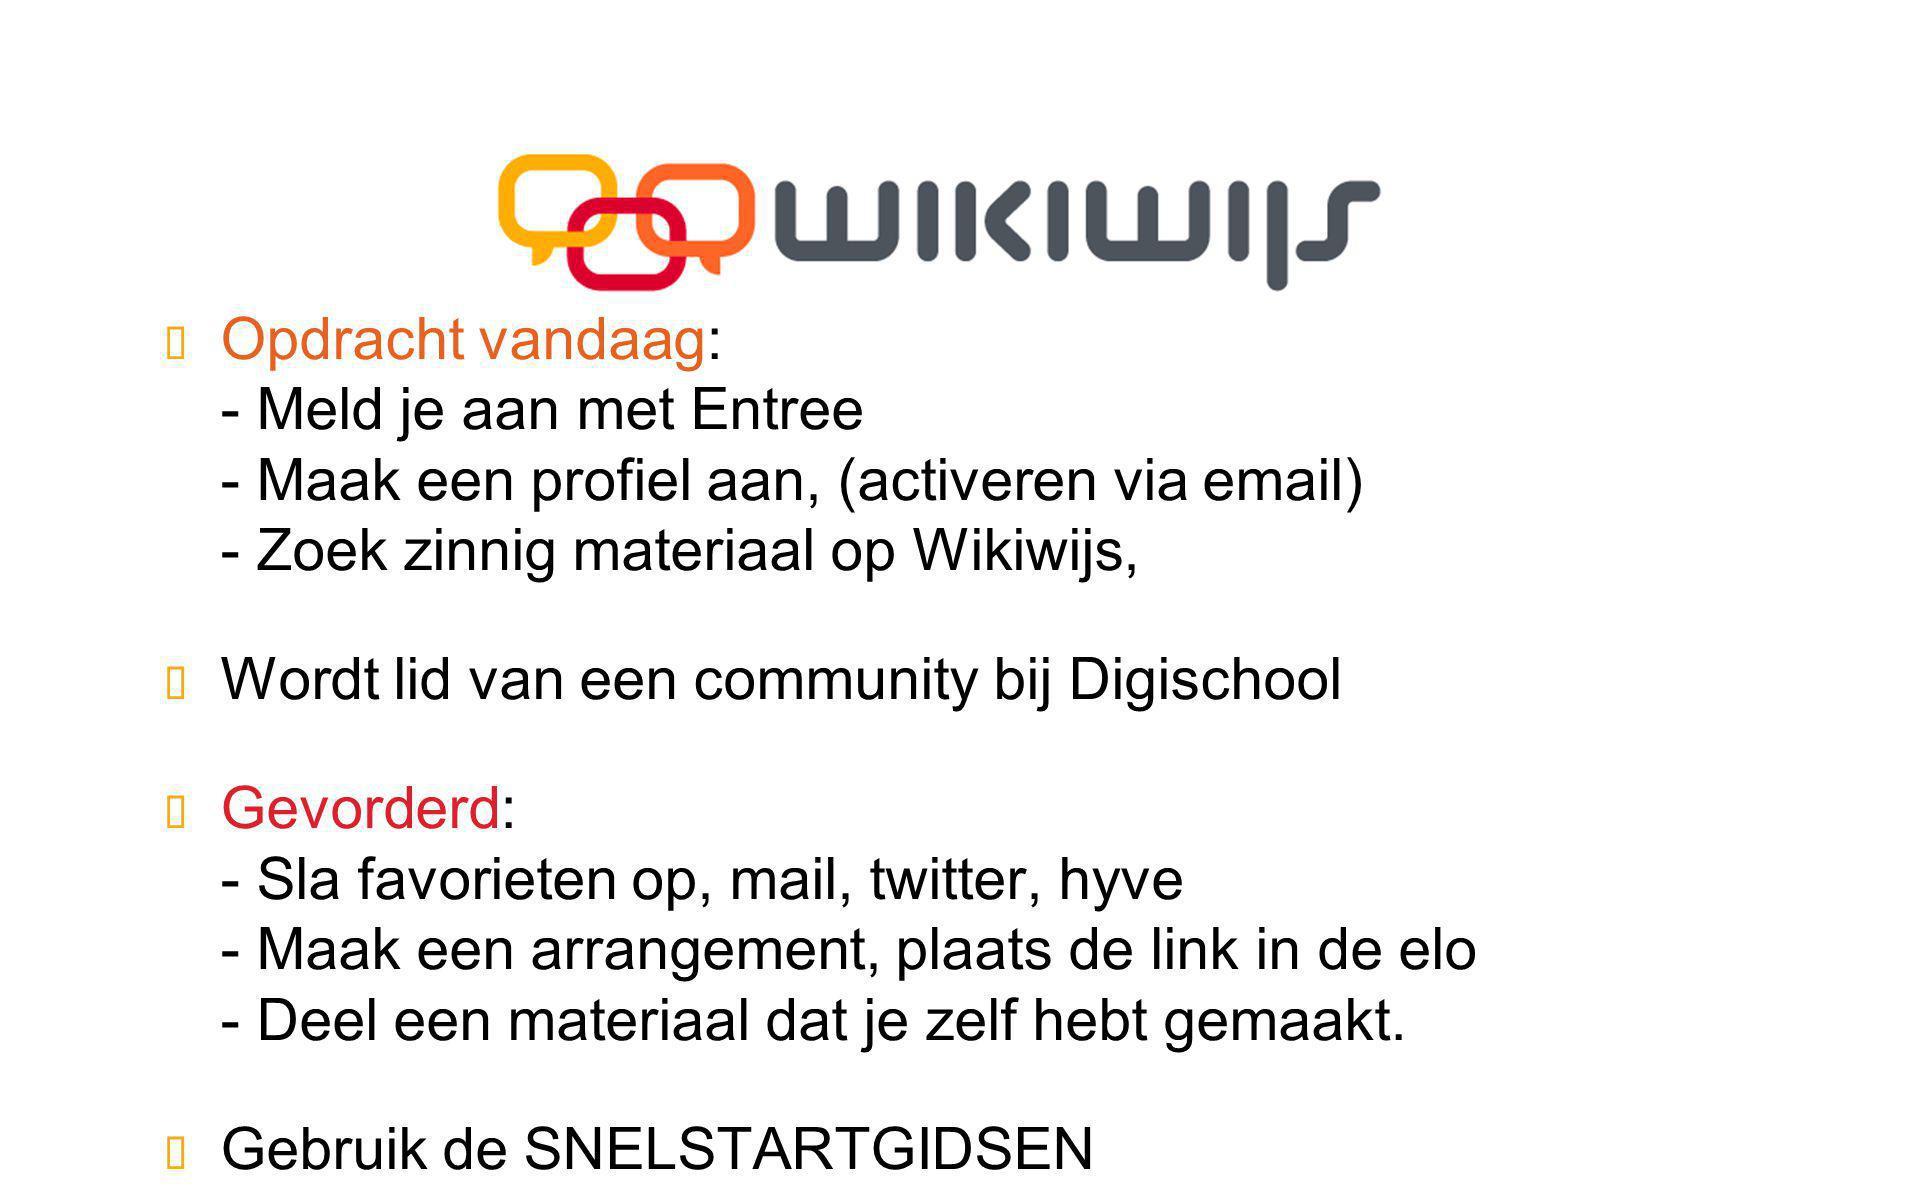 Opdracht vandaag: - Meld je aan met Entree - Maak een profiel aan, (activeren via email) - Zoek zinnig materiaal op Wikiwijs,